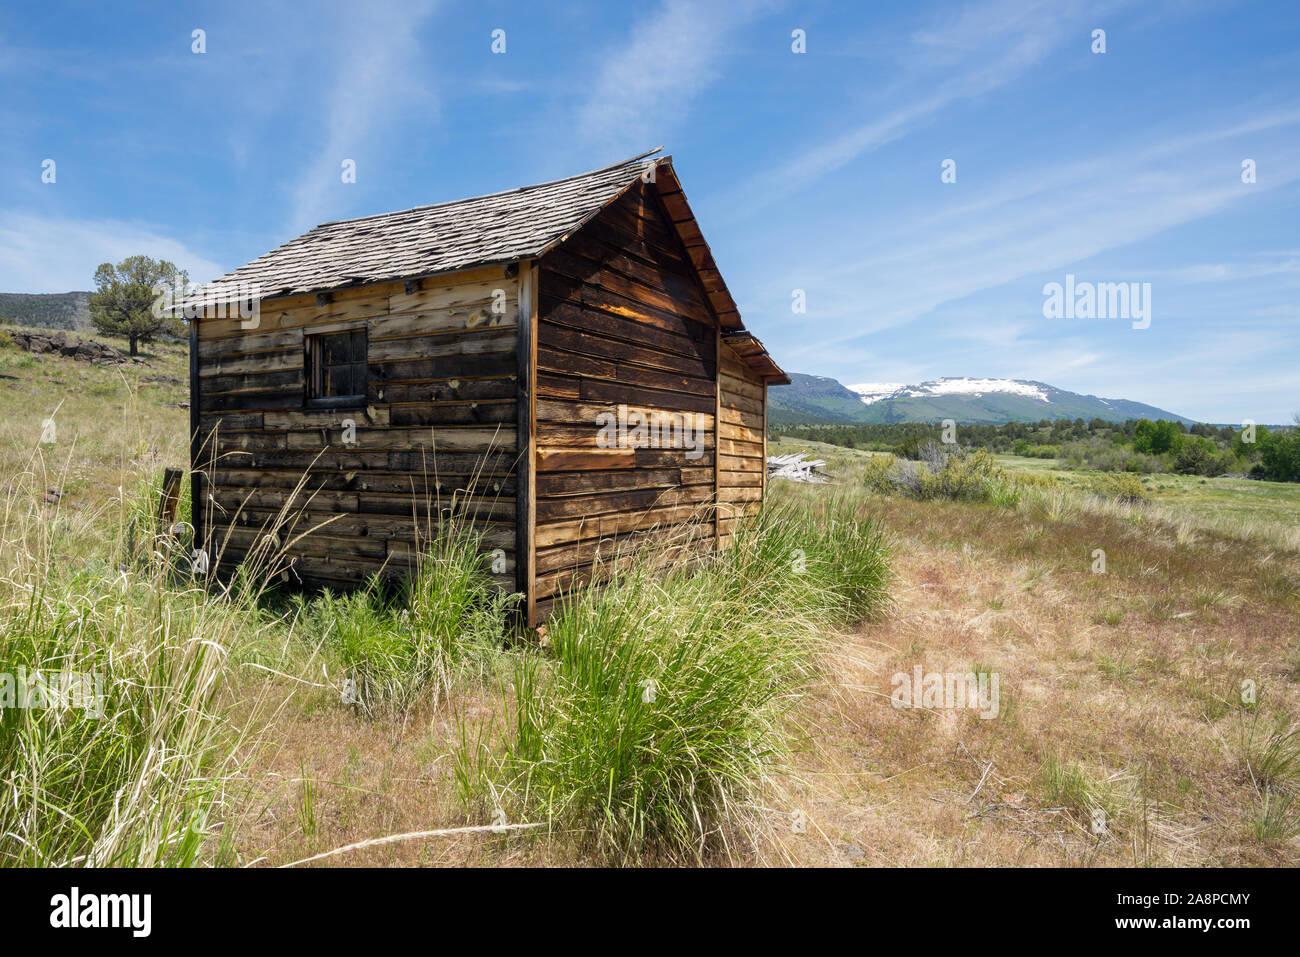 Ben Riddle Cabina, parte del histórico Riddle Hermanos Ranch, Steens Mountain, Oregon. Foto de stock